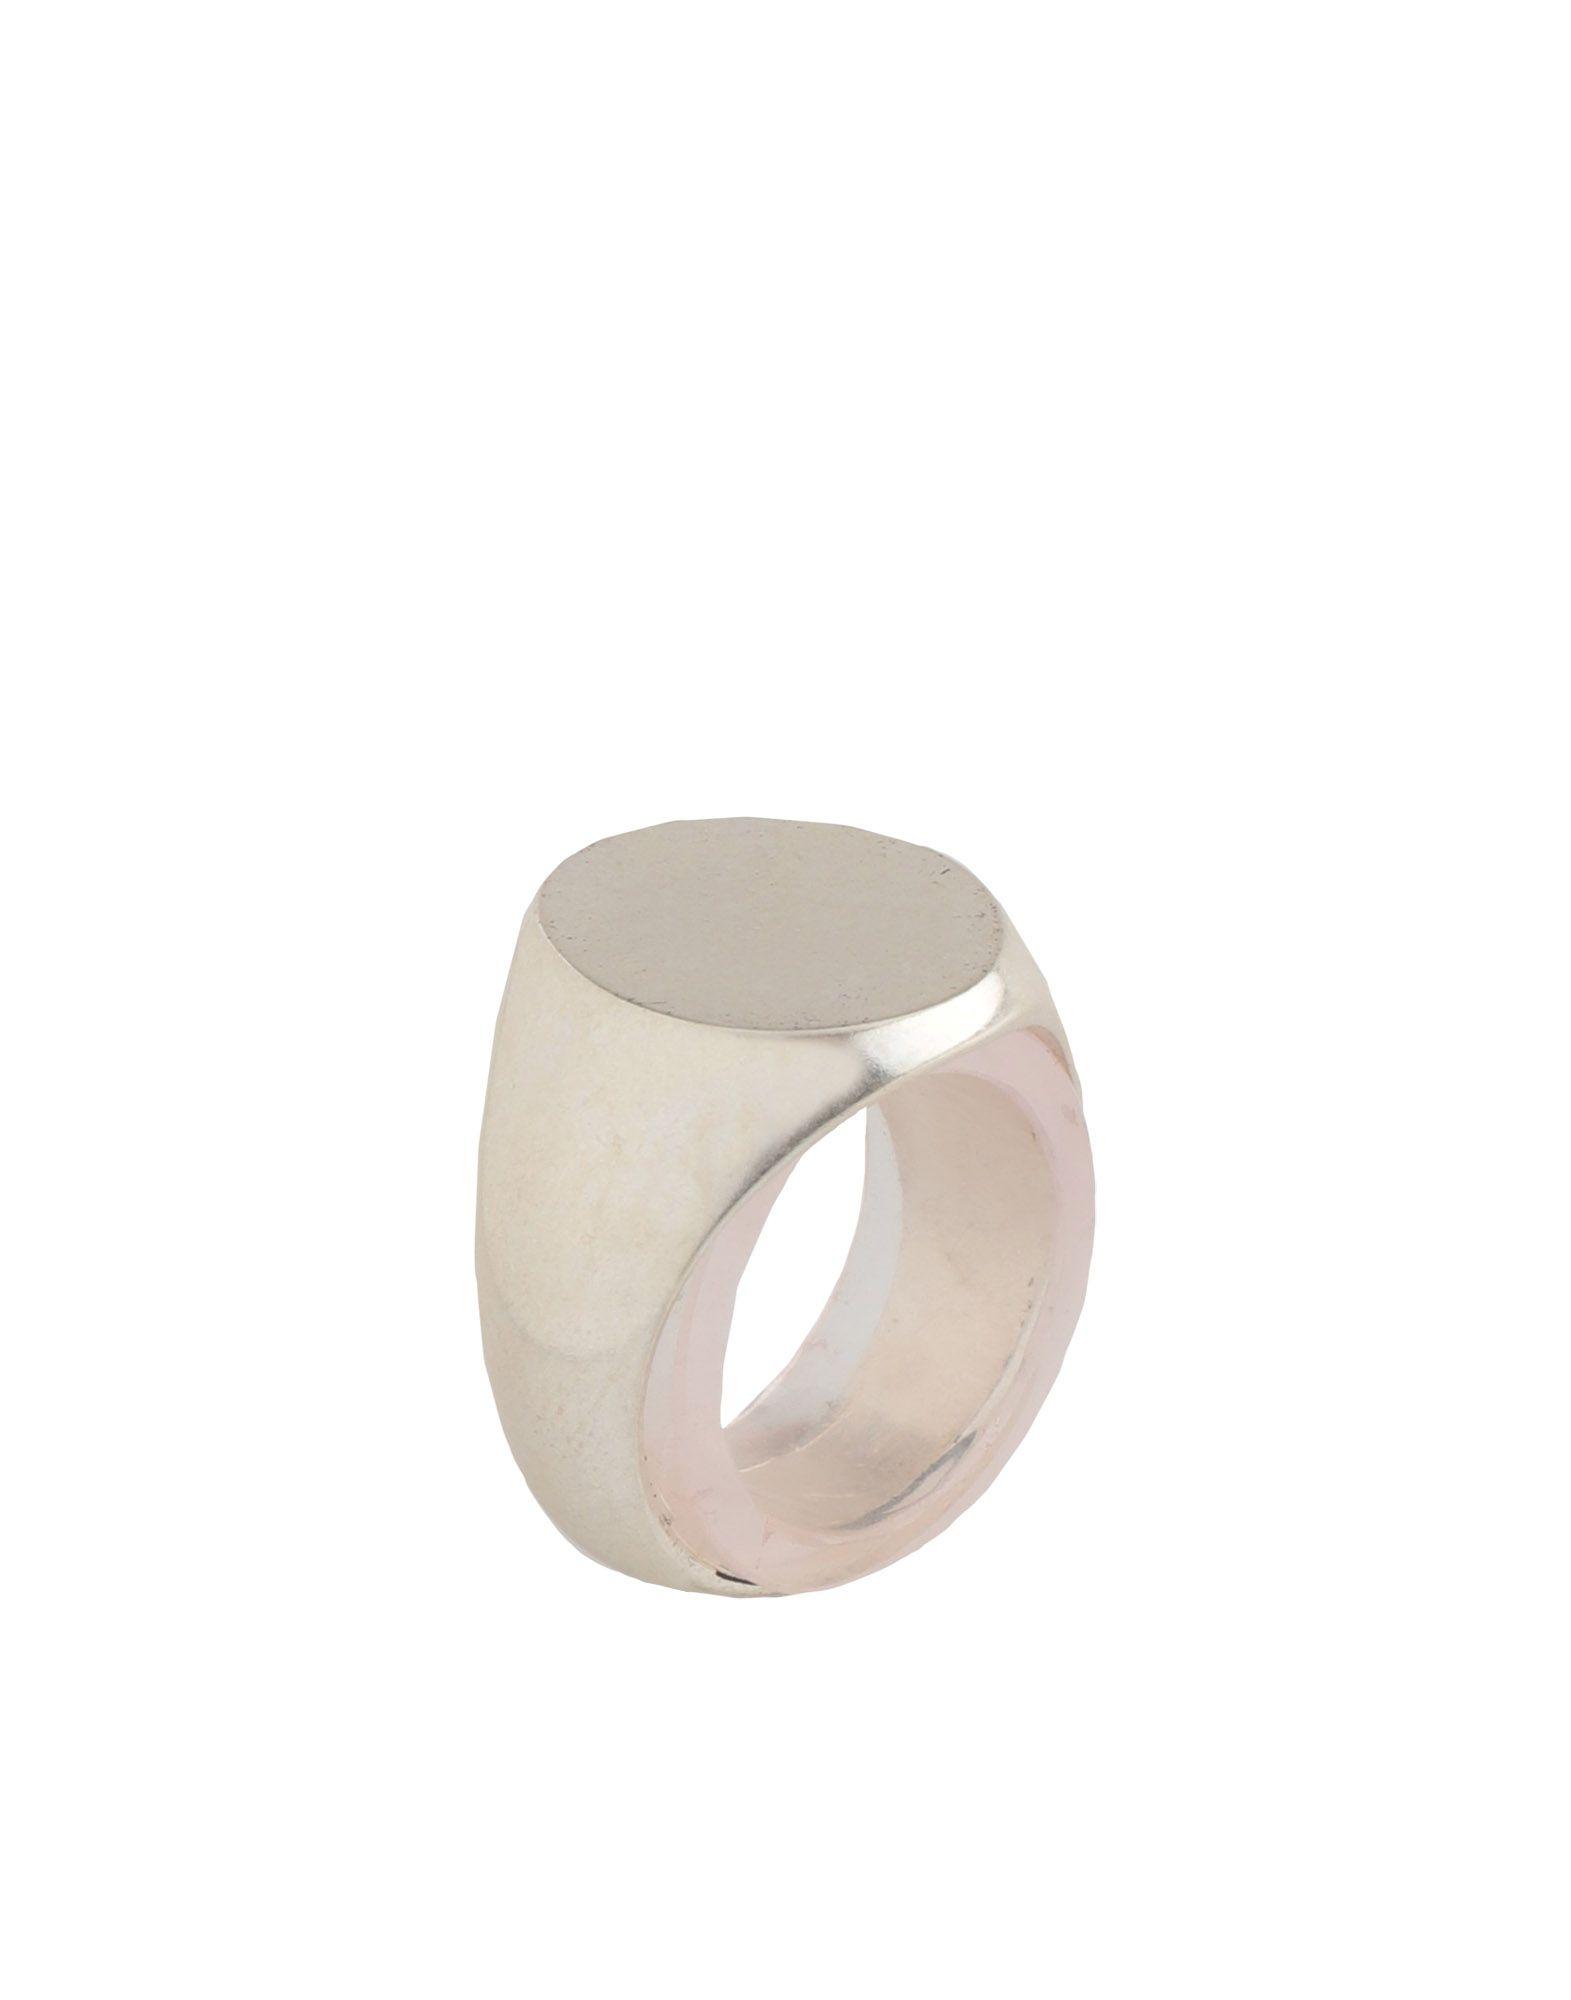 《送料無料》MAISON MARGIELA レディース 指輪 シルバー 17 金属